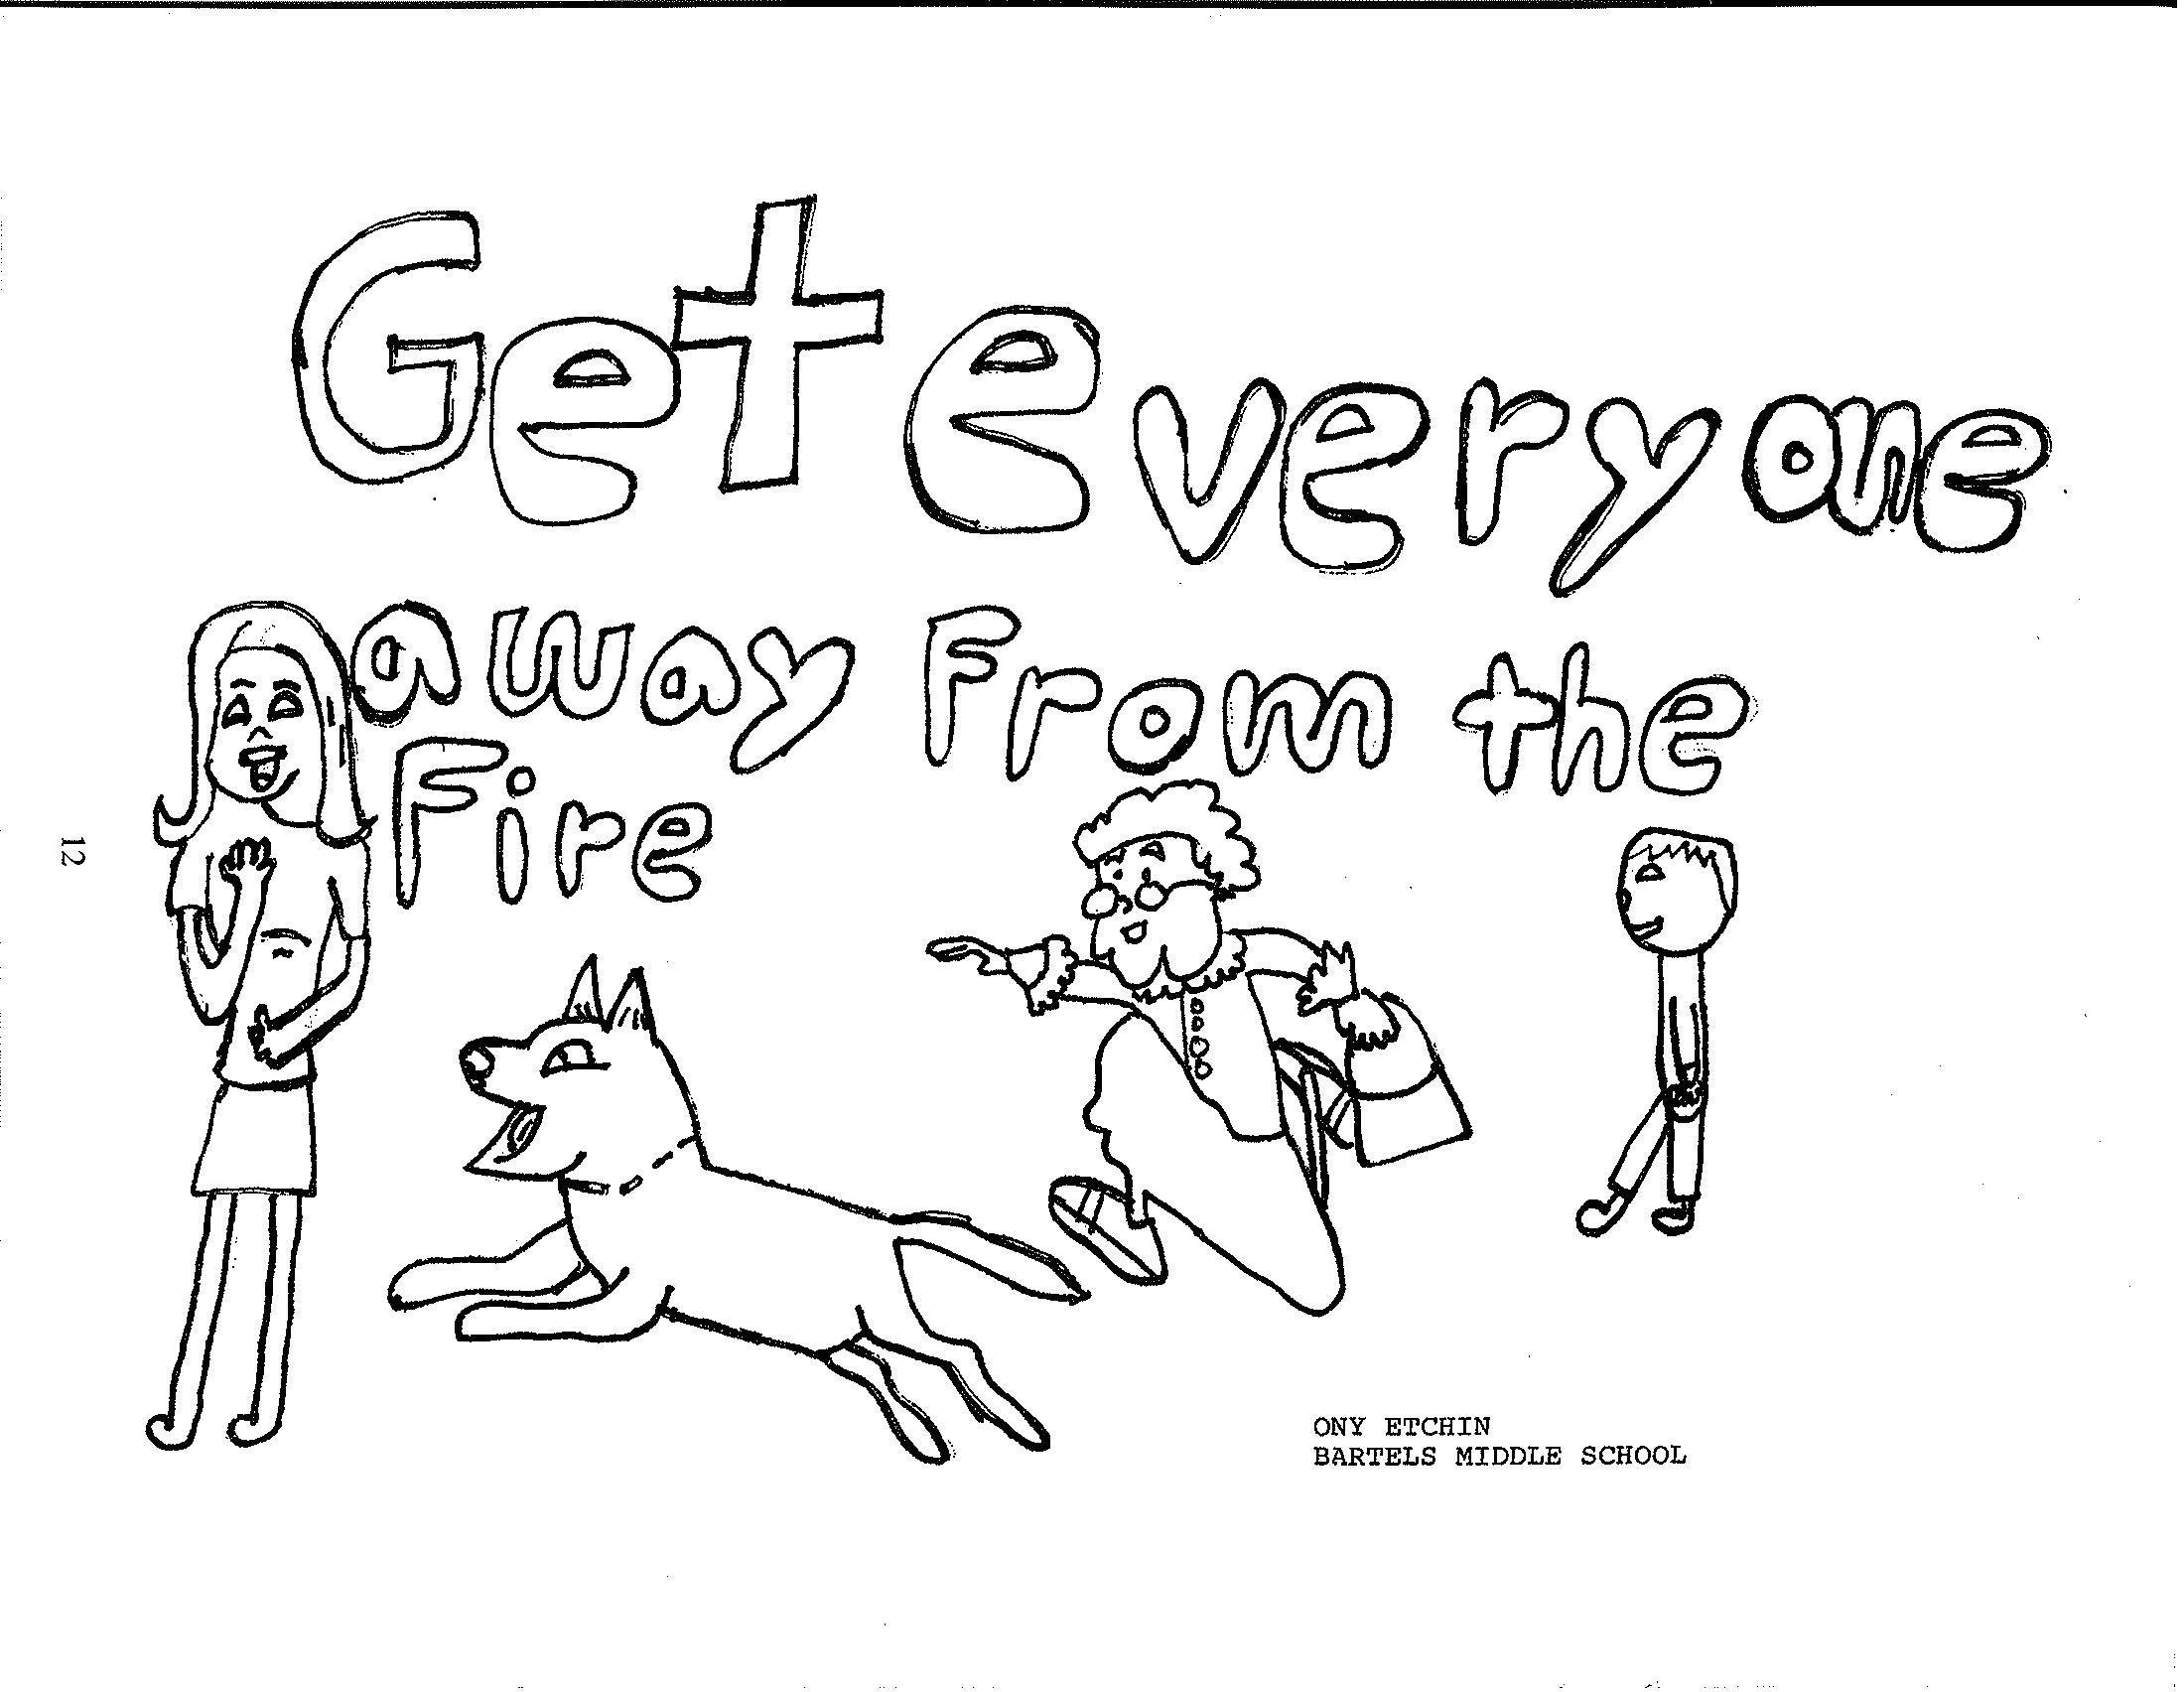 2200x1704 Chester Sroka Fire Prevention Fund City Of Portage, Wi